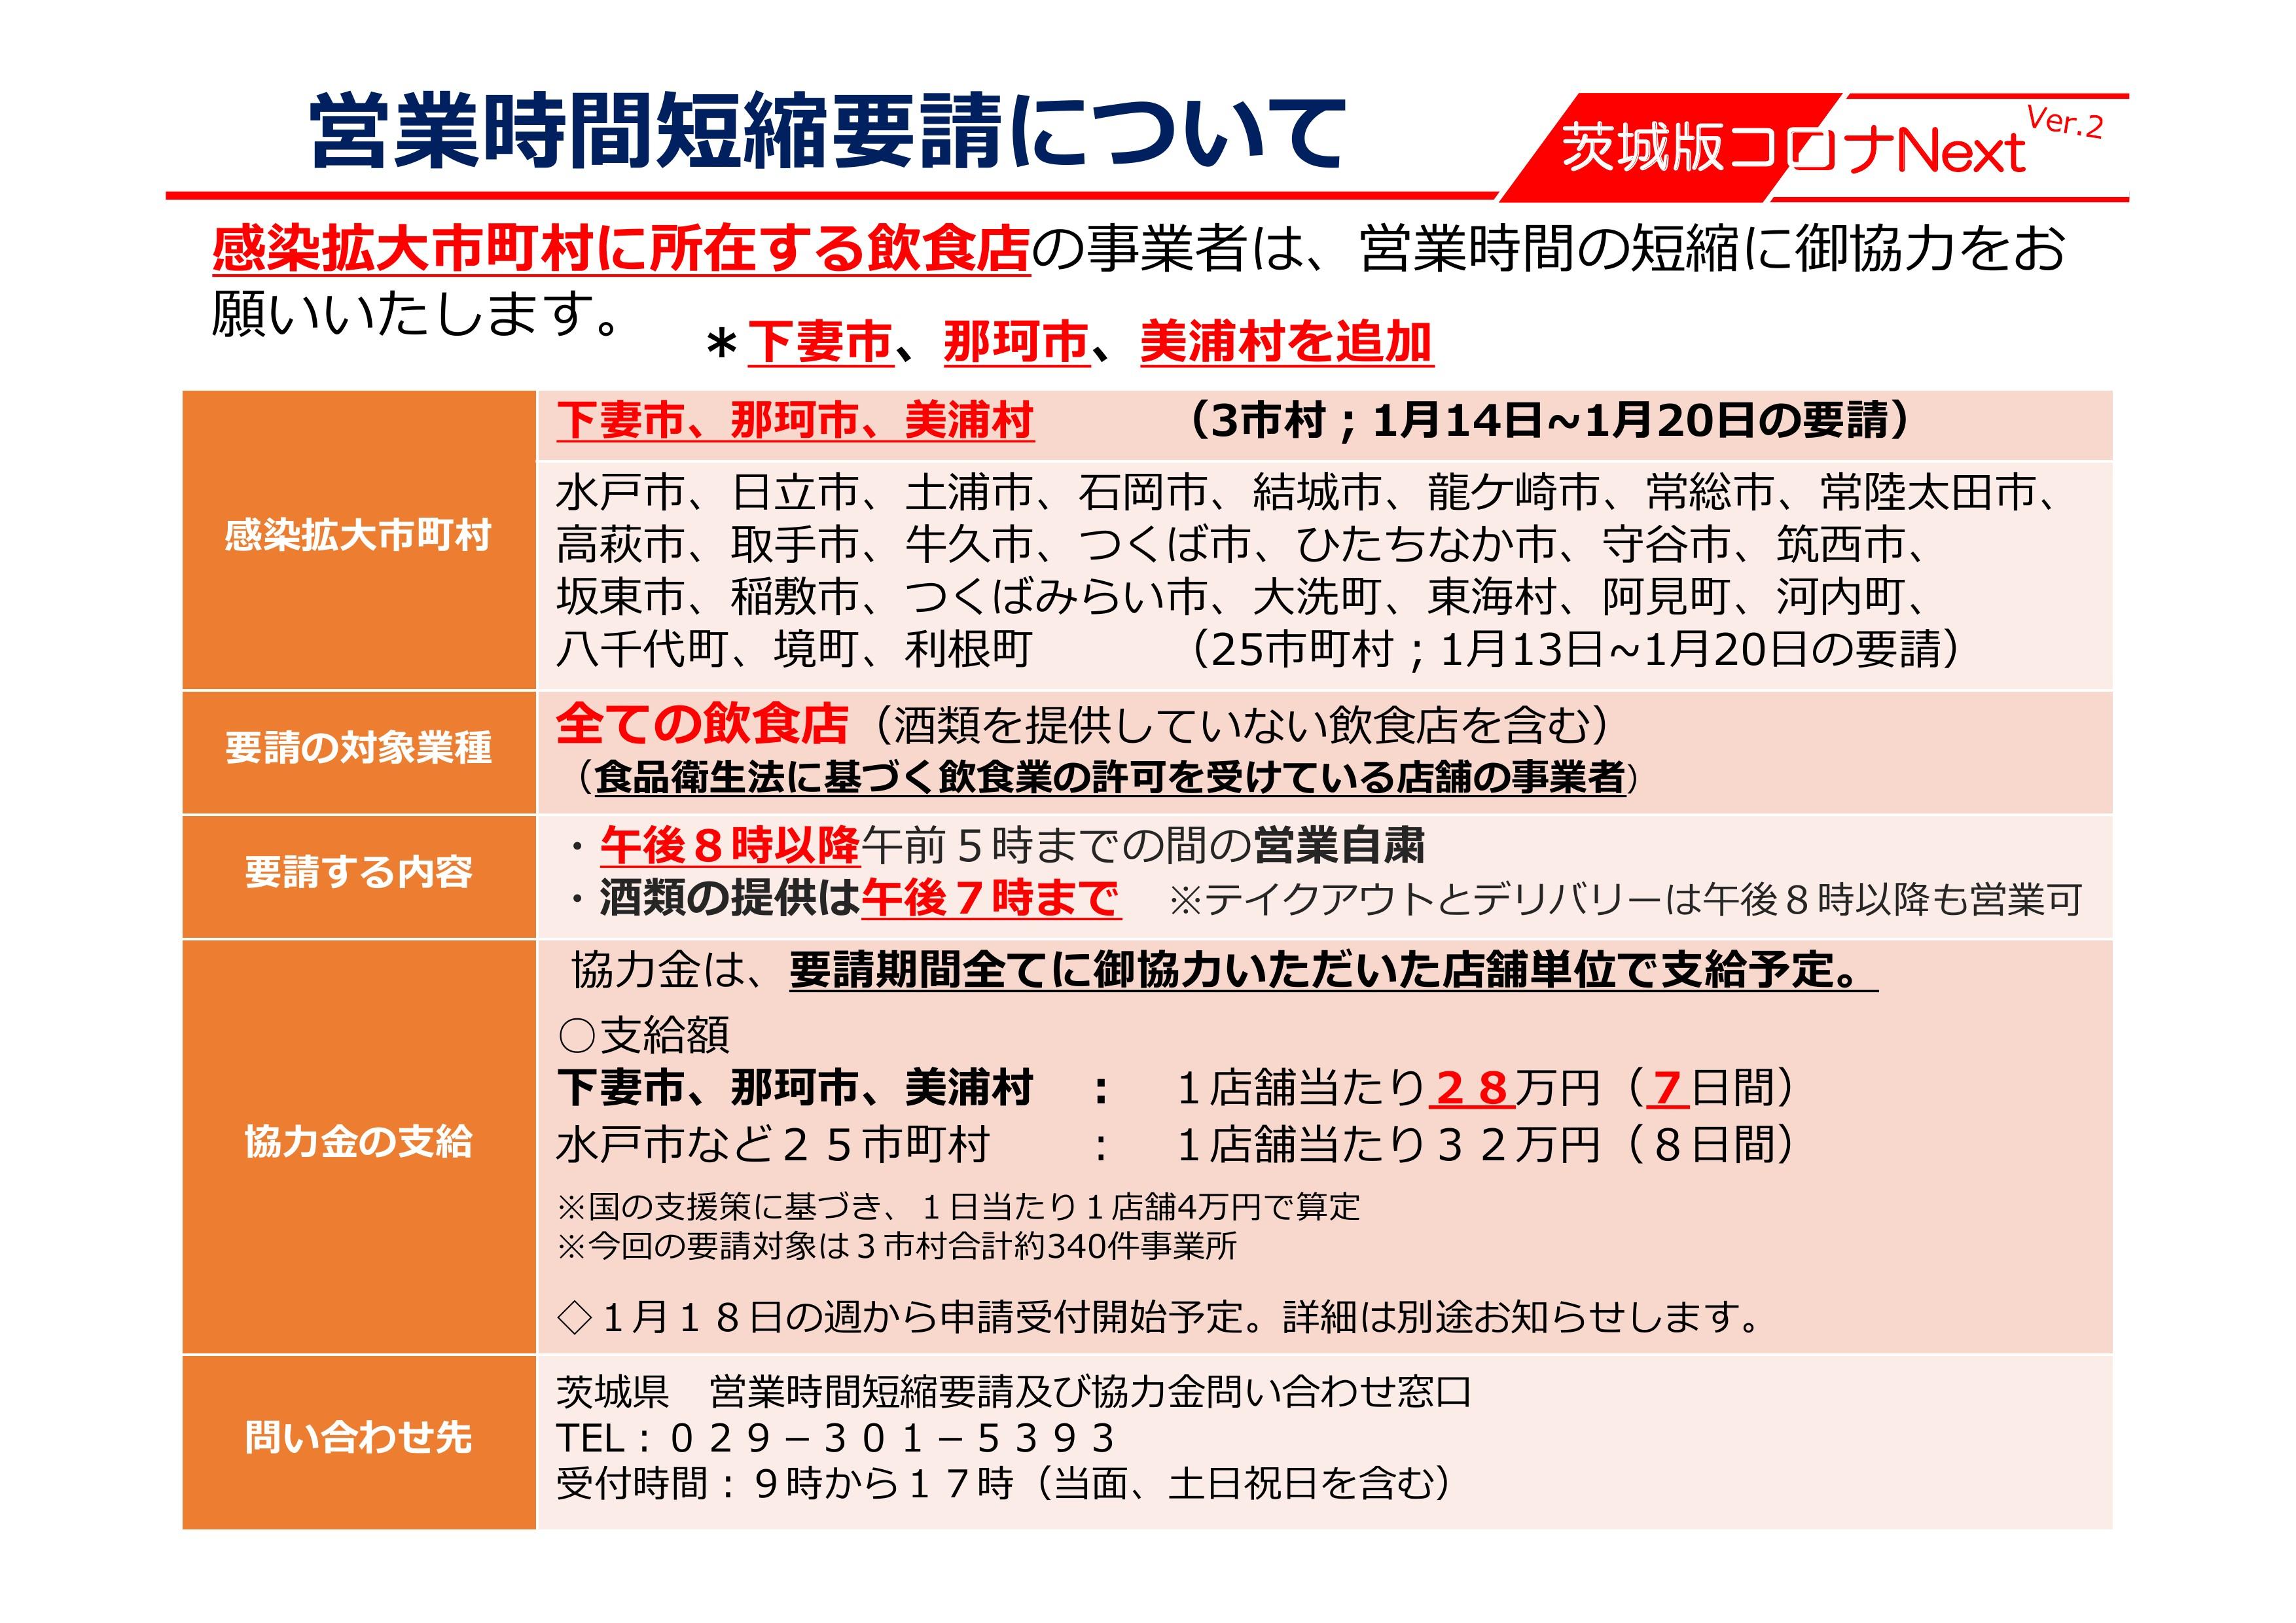 1月13日茨城県発表資料3